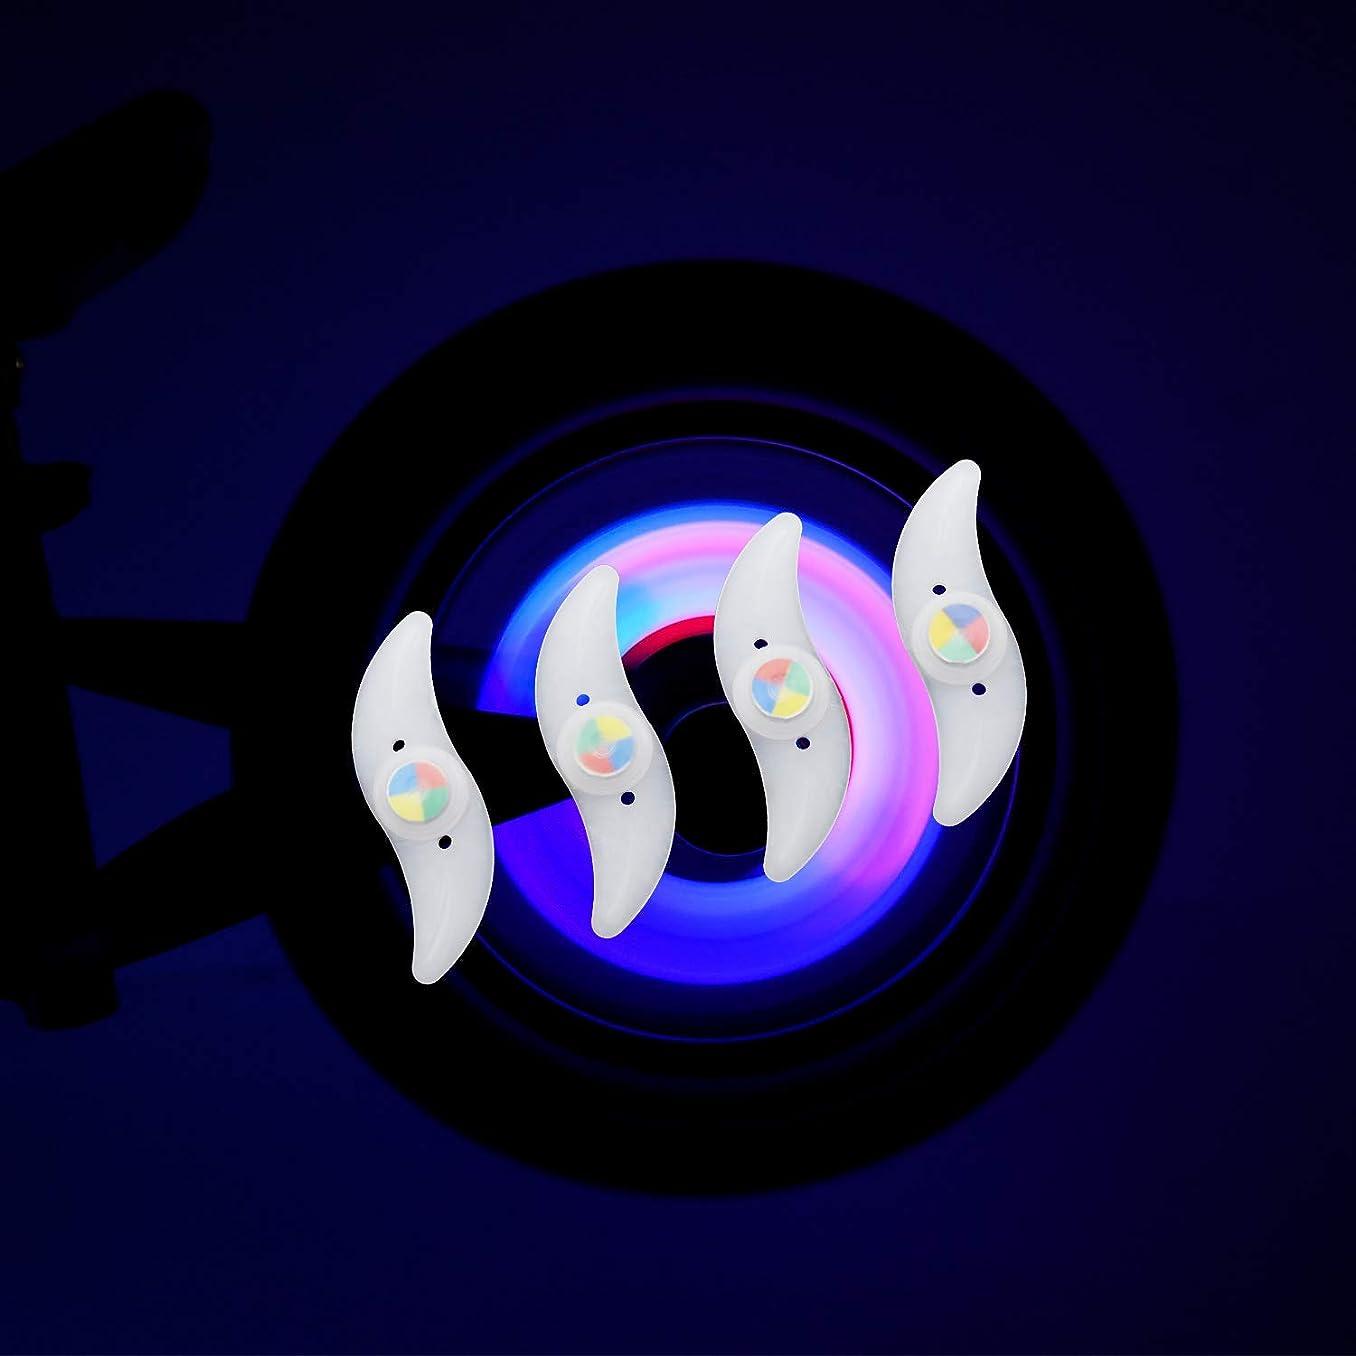 予報各海外で自転車ホイールライト 4個セット 4色変換 自転車用スポークLEDライト タイヤライト 夜間セーフティライト 夜道 安全警告ライト 簡単 取り付け